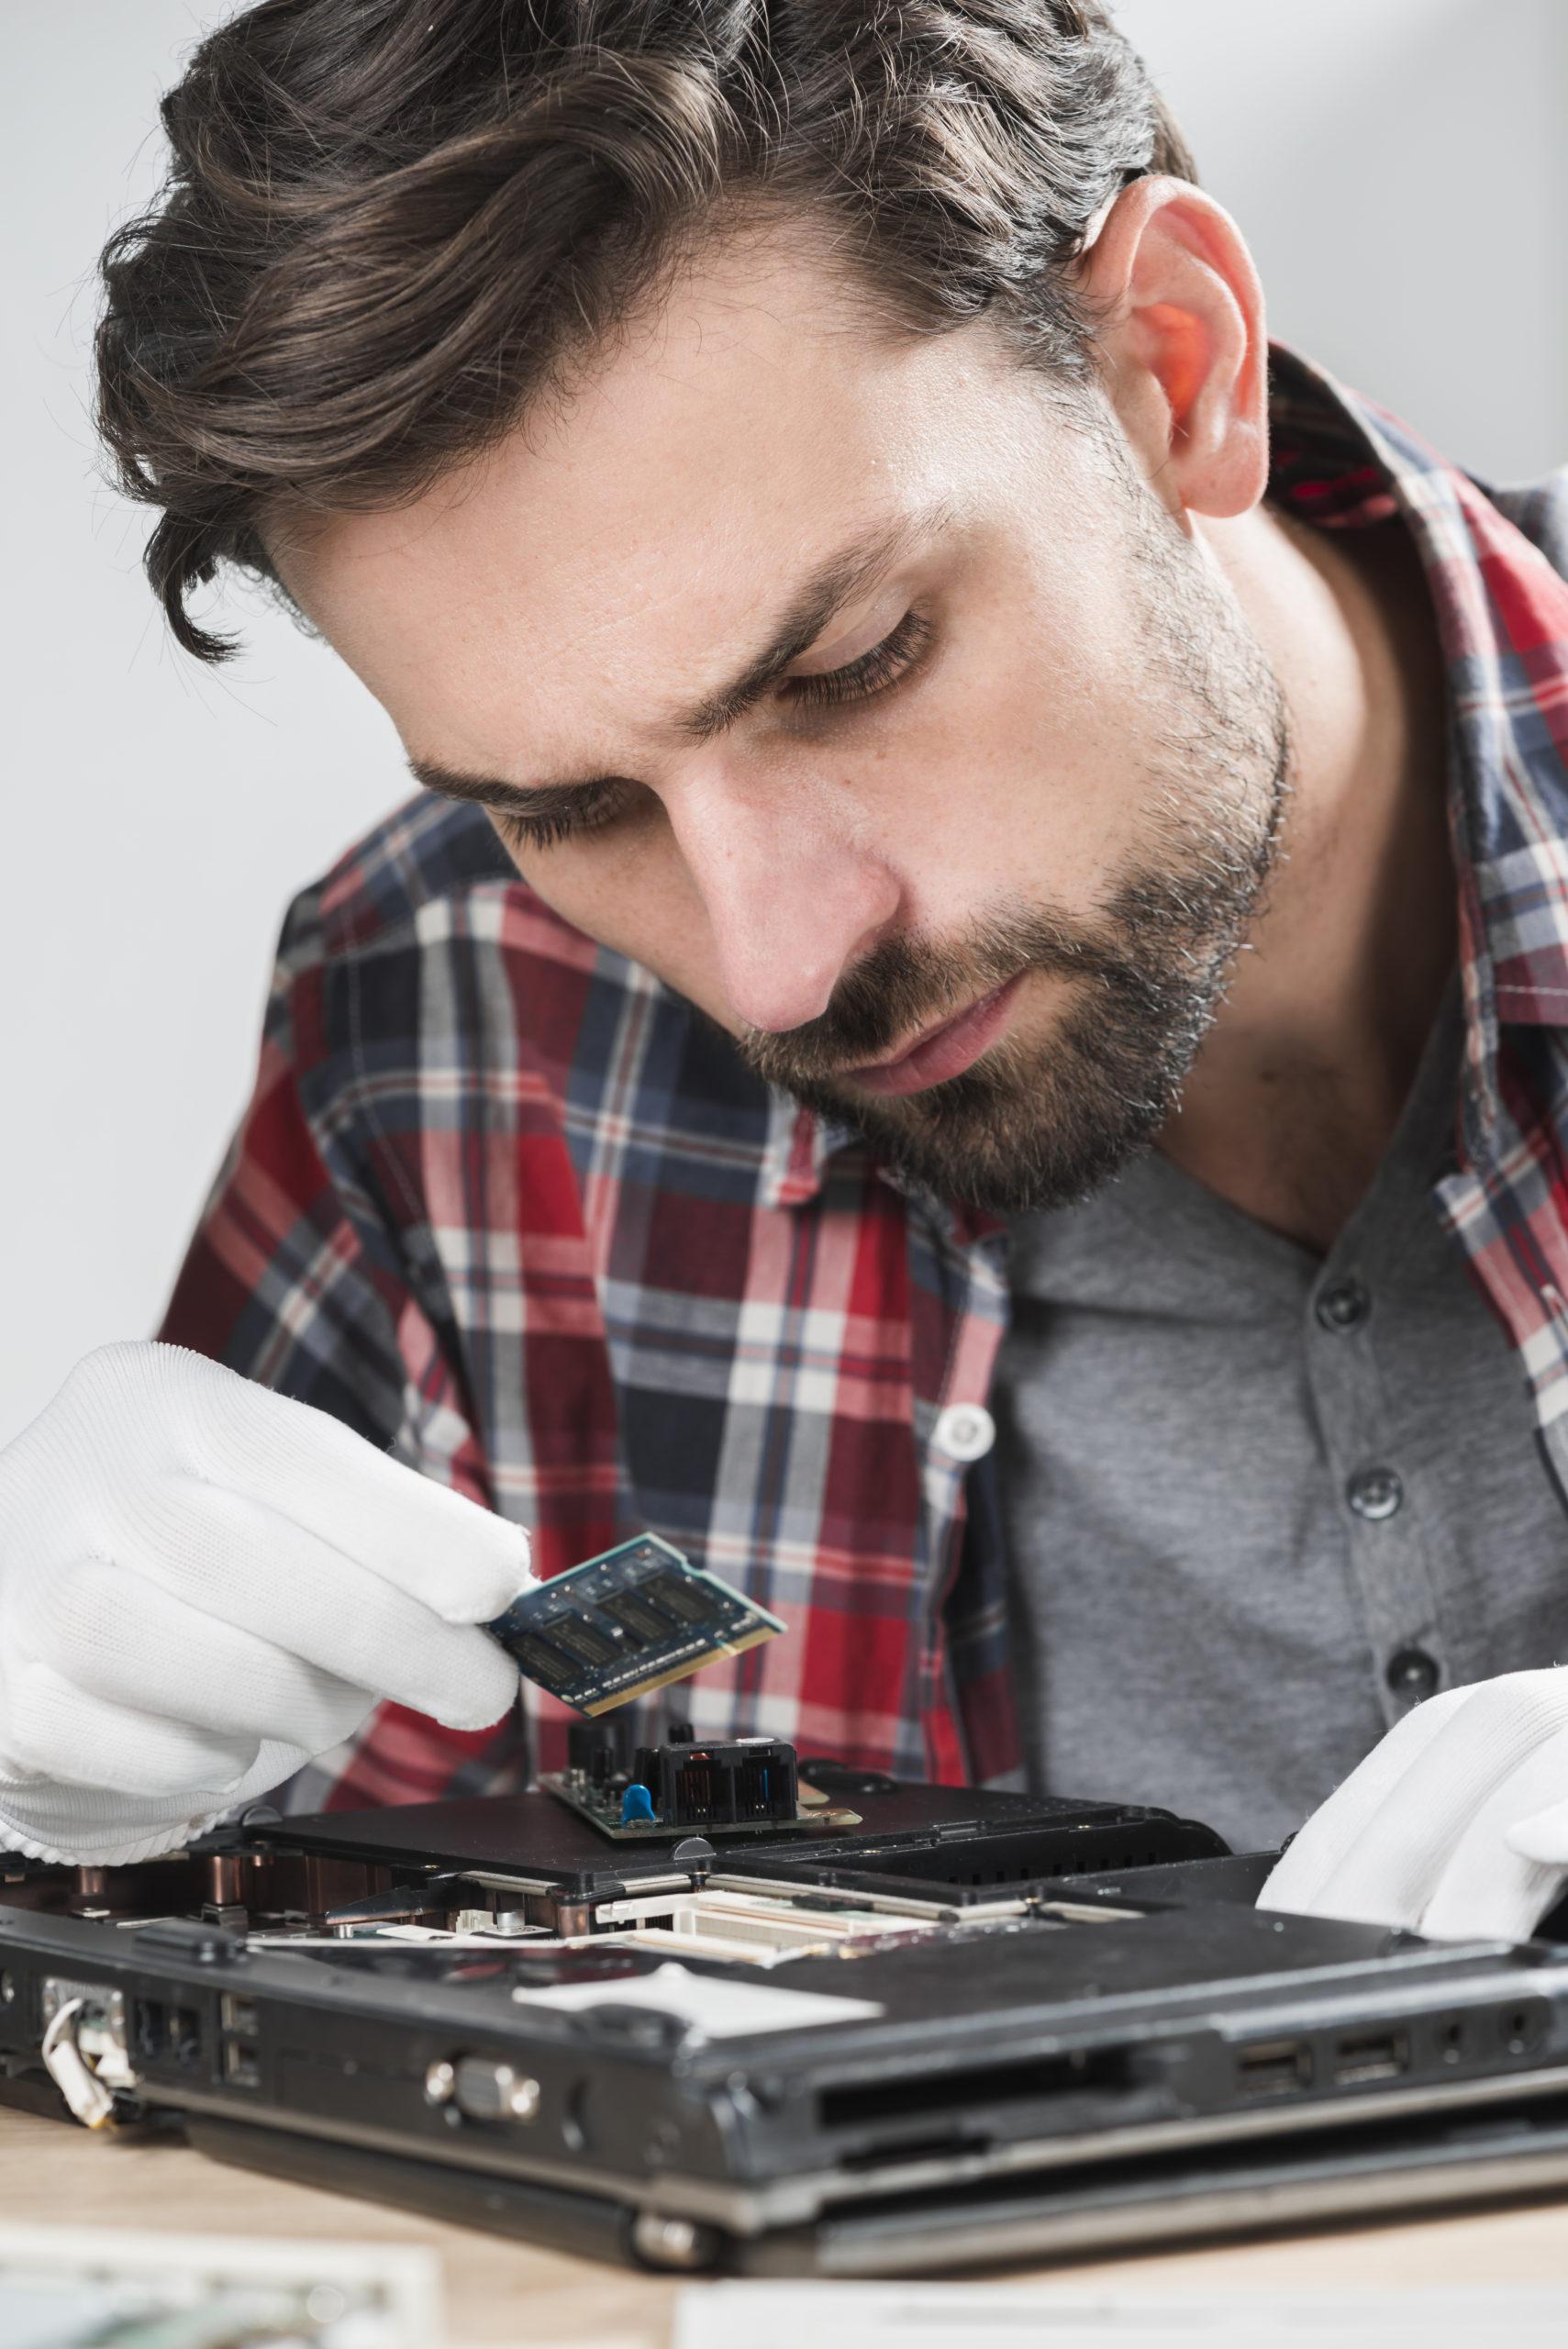 Ищем проблему в комплектующих ноутбука